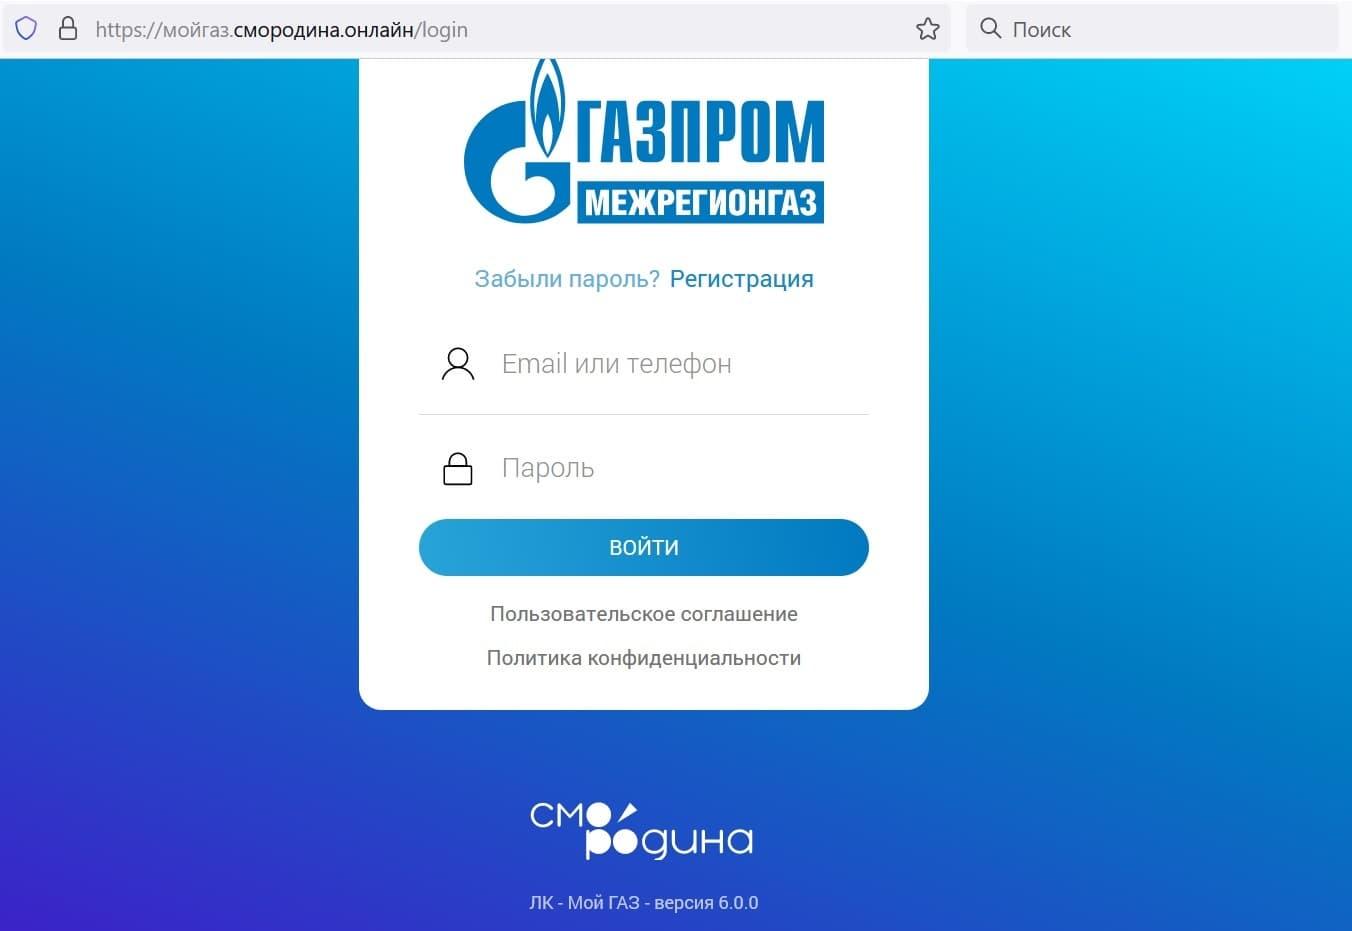 личный кабинет Газпром межрегионгаз Санкт-Петербург